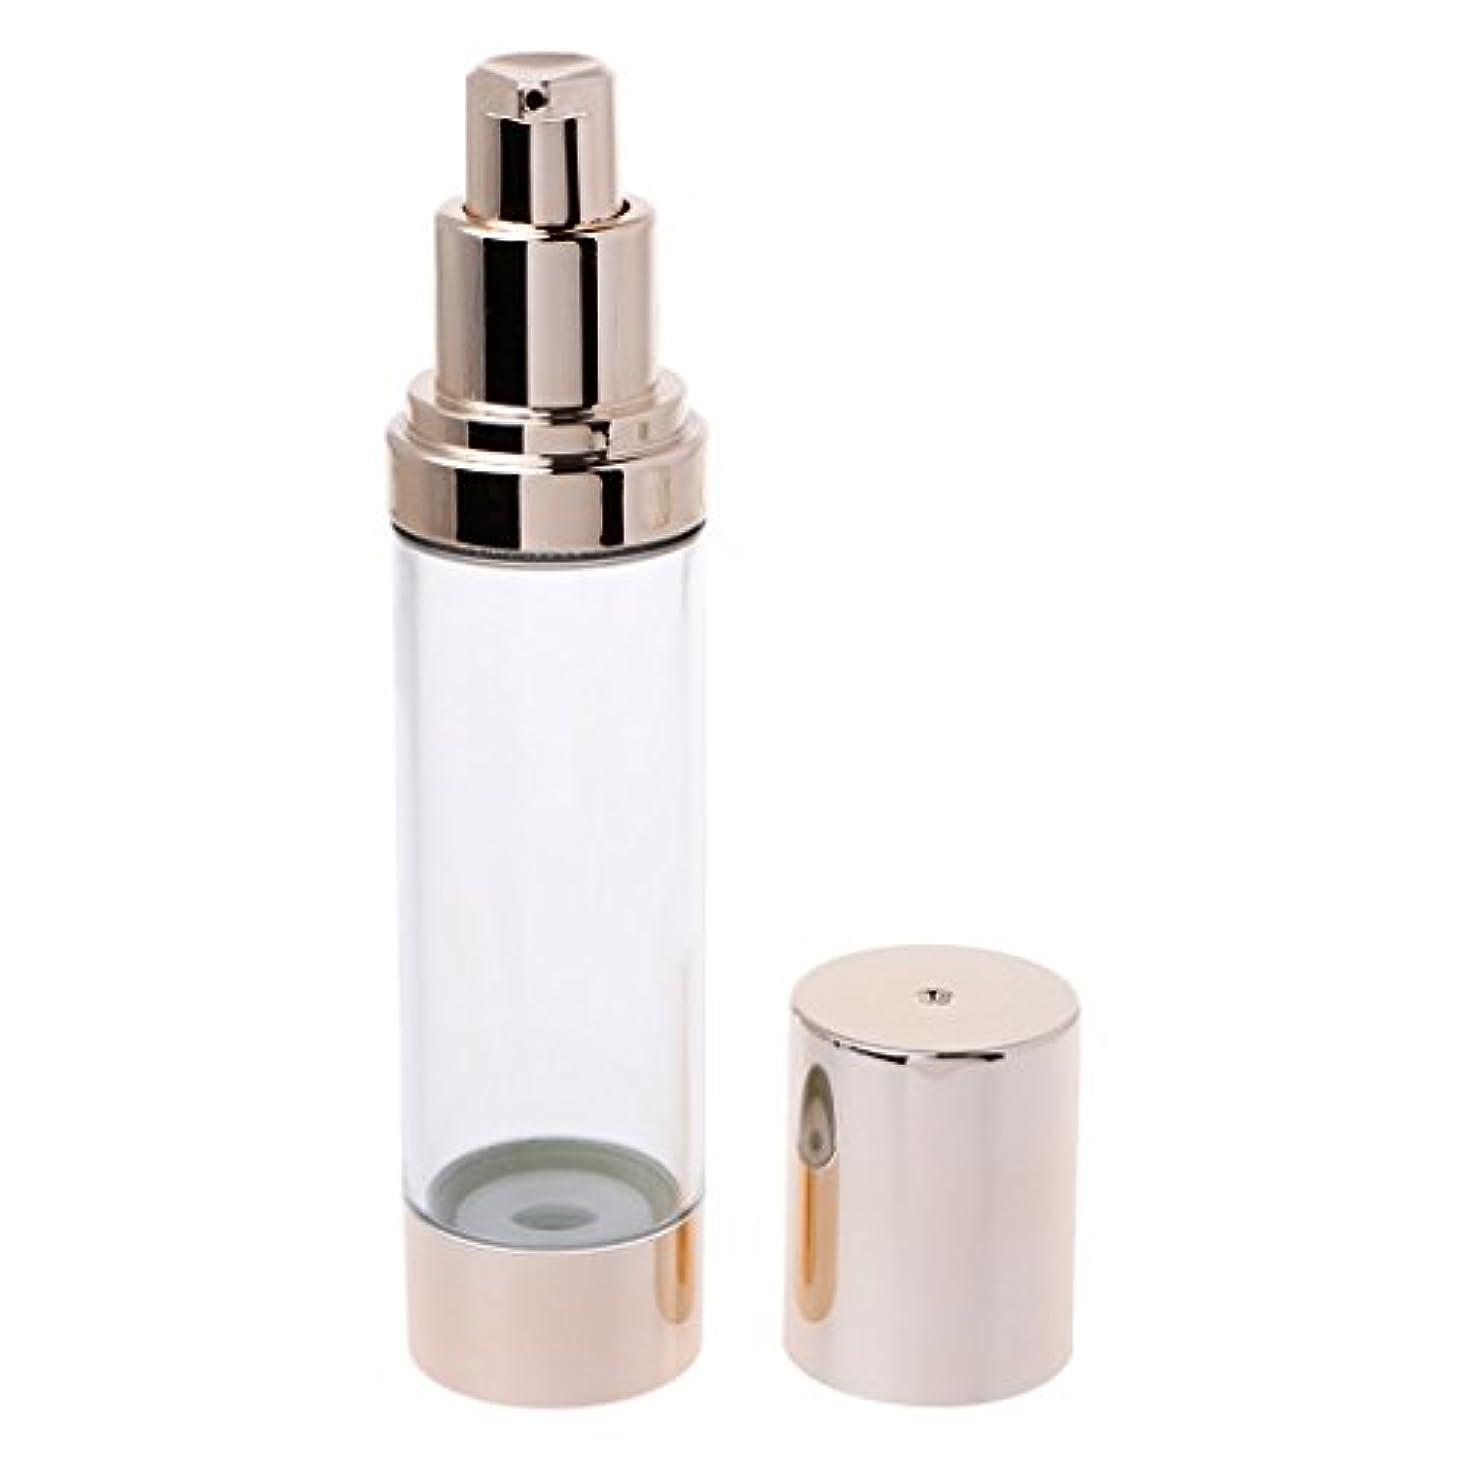 フェデレーション出血クランプDabixx 15/30 / 50ML空化粧品エアレスボトルプラスチック処理ポンプトラベルボトル - 50ML